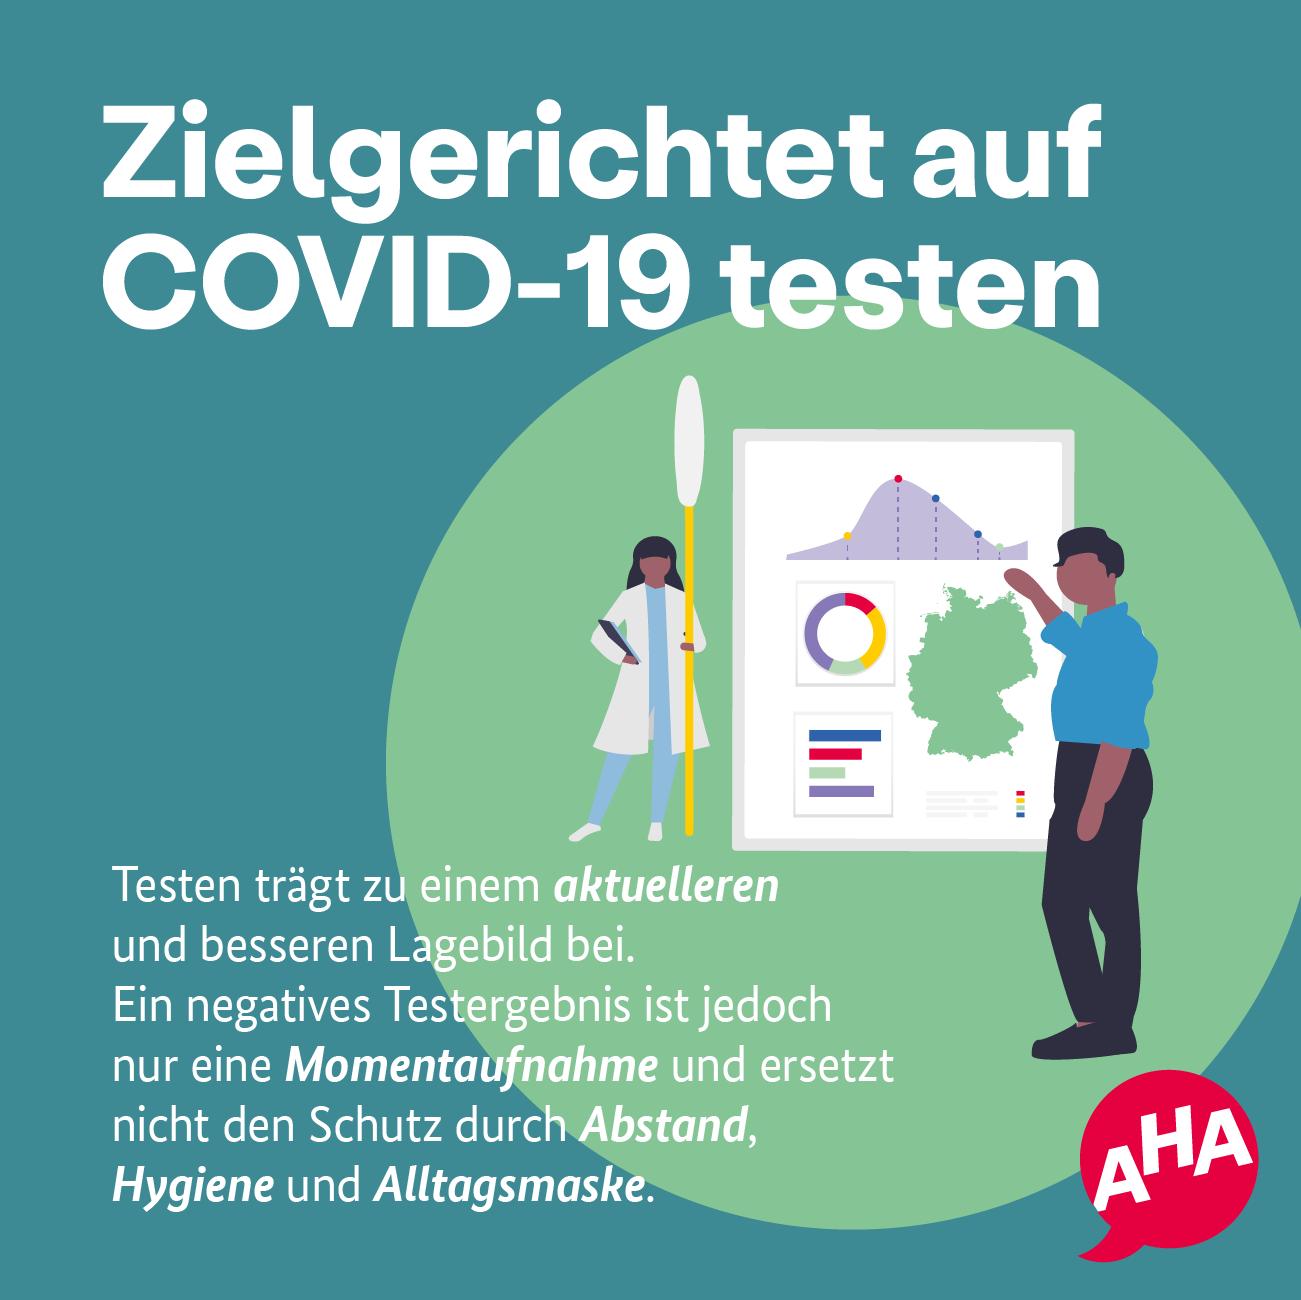 Zielgerichtet auf COVID-19 testen